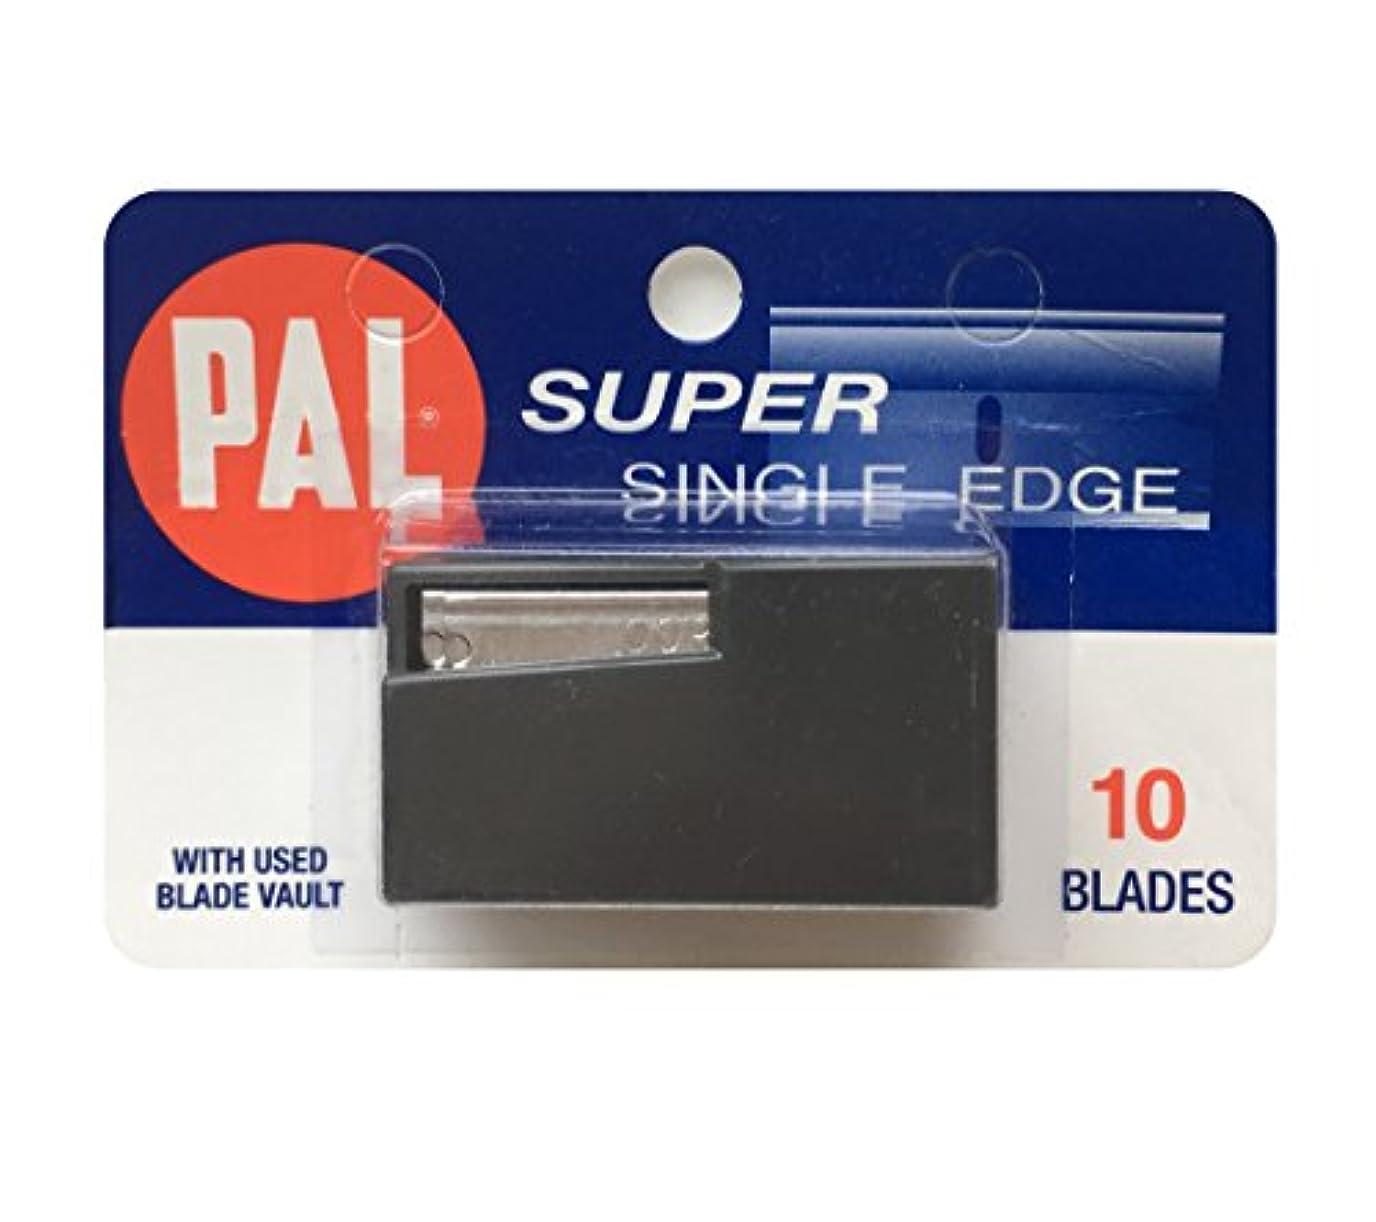 アジテーション定刻コロニーPAL SUPER (パル スーパー)シングルエッジ 片刃替刃 10枚入り [並行輸入品]